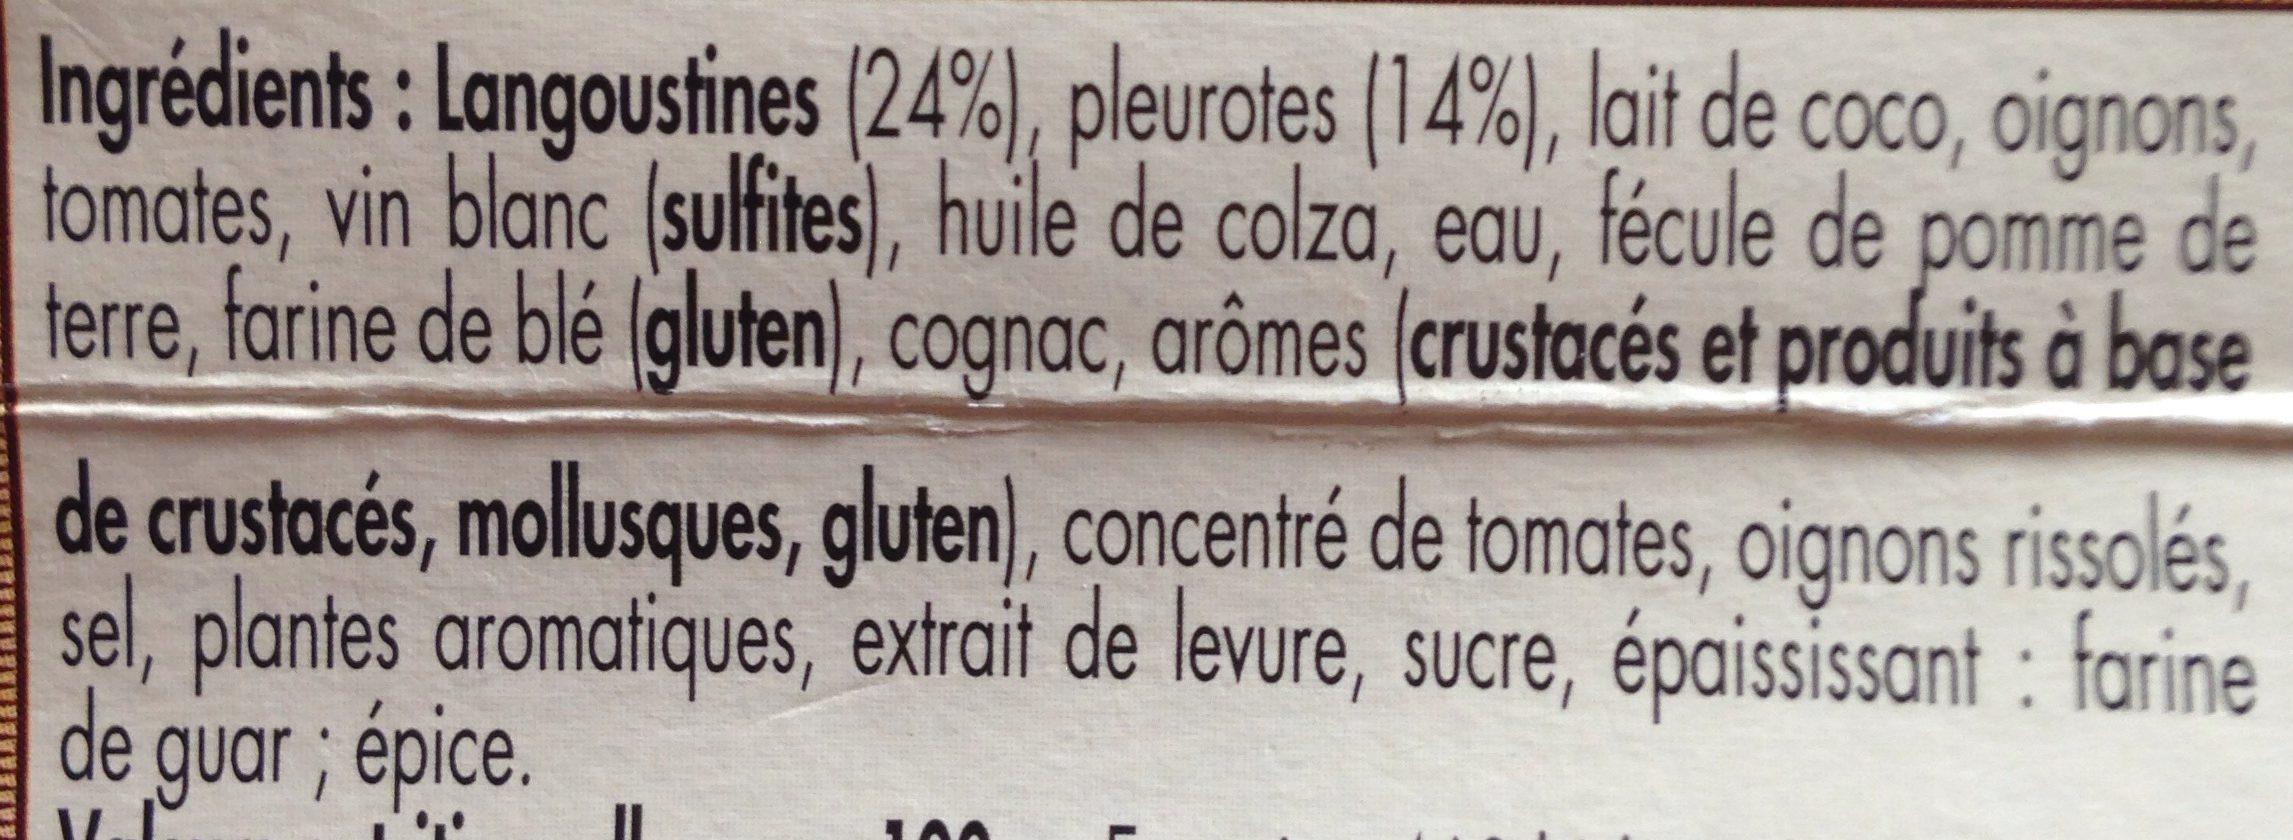 Petite Marmite De Langoustines Aux Pleurotes - Ingredients